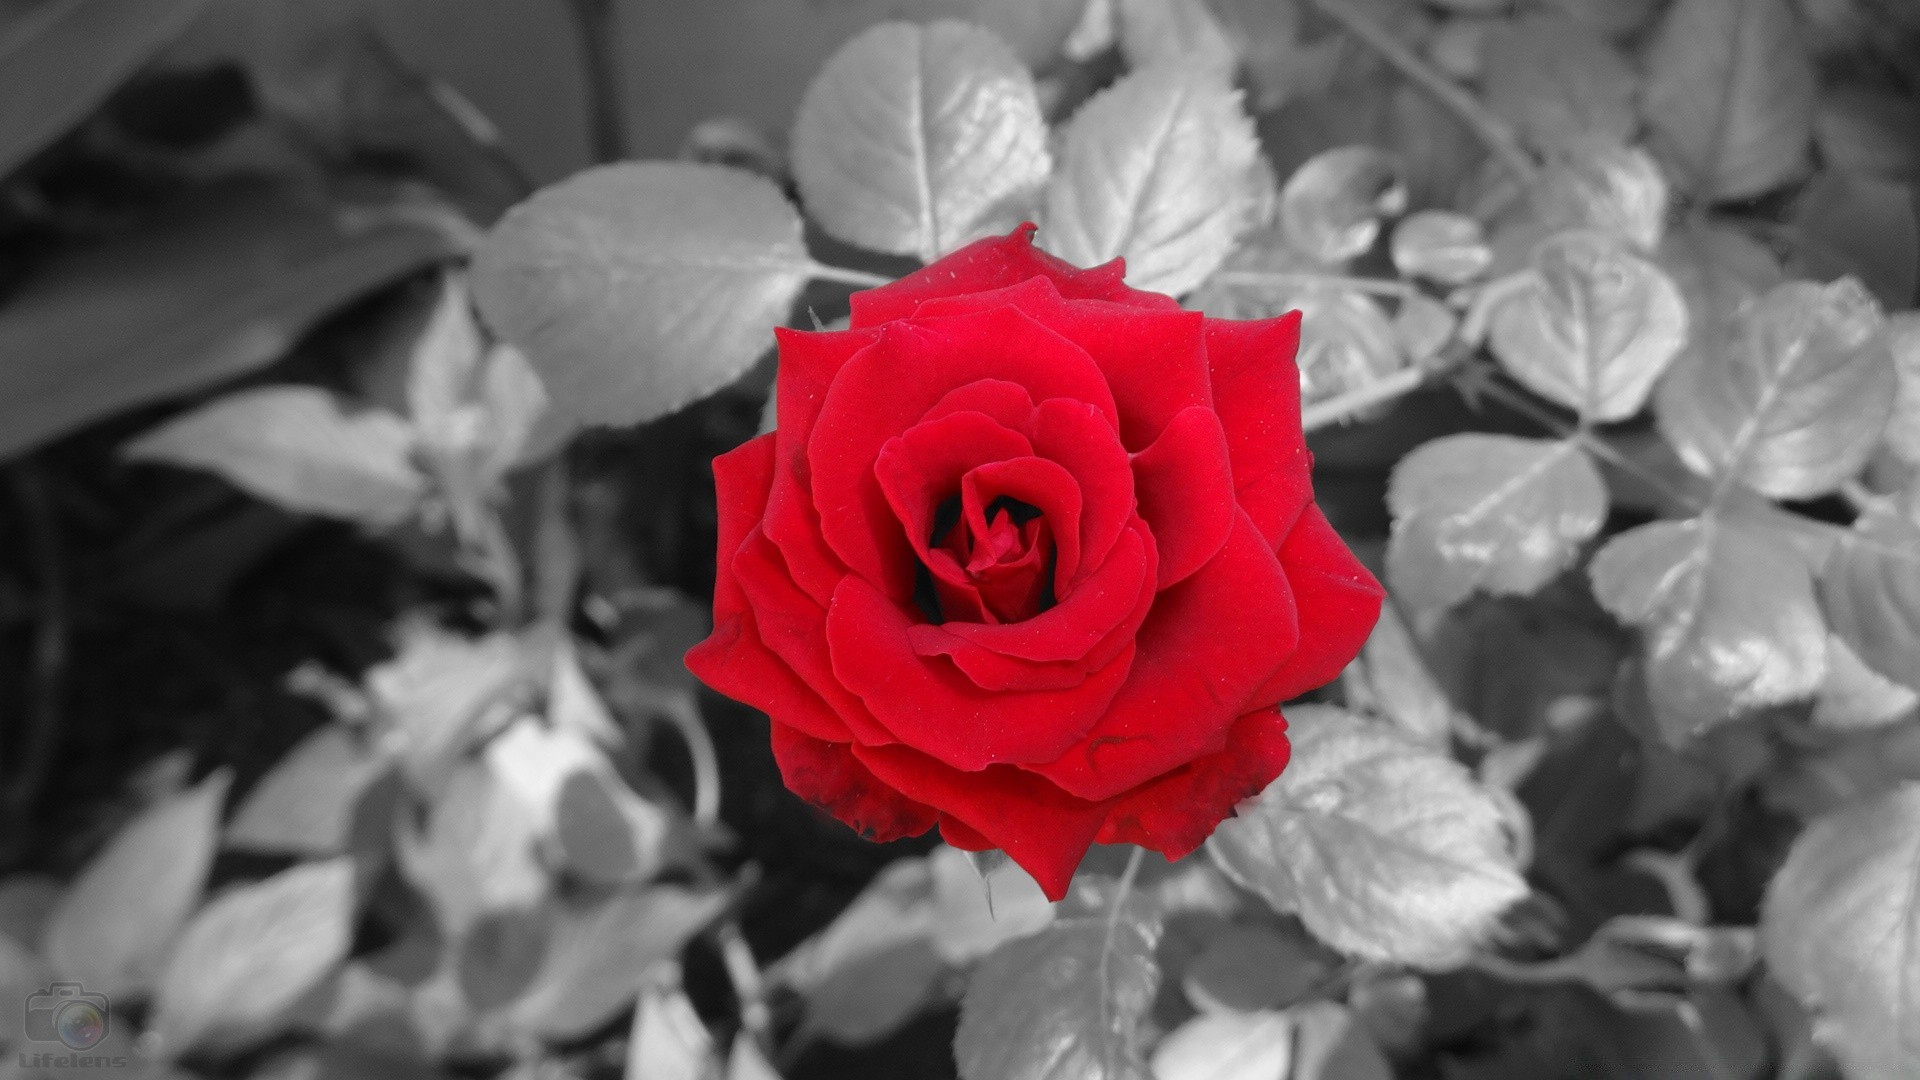 цветные фотографии с белыми и черными розами или